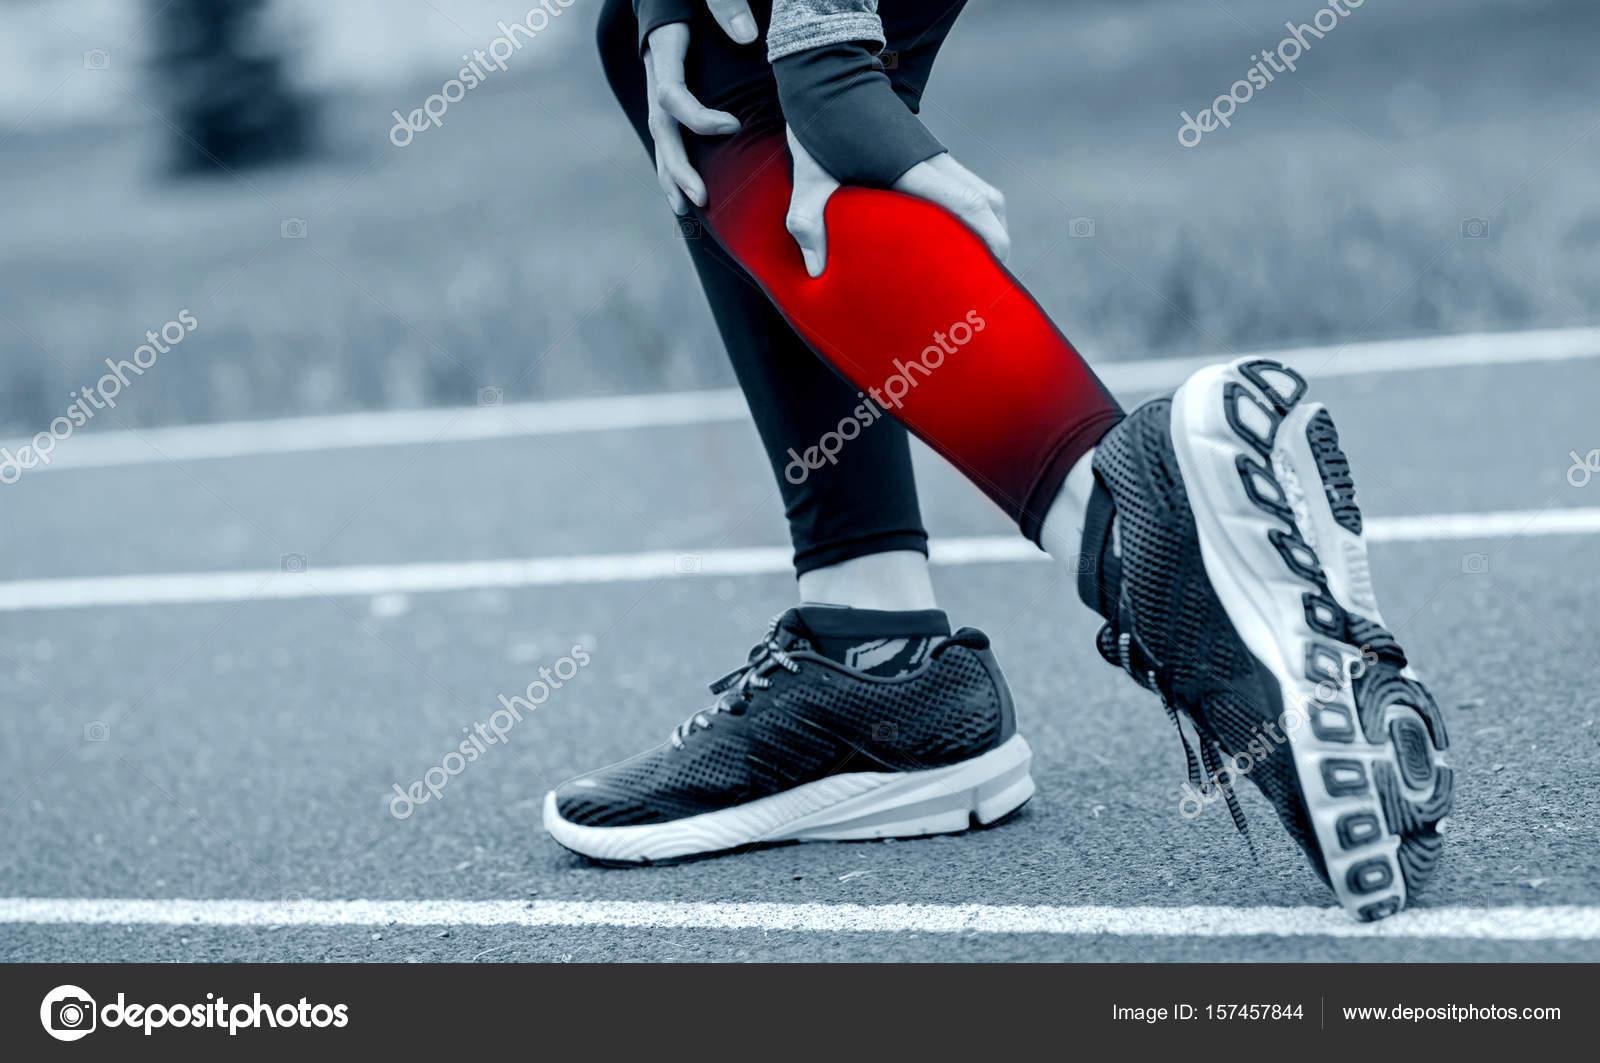 Al duelen tocar piernas las